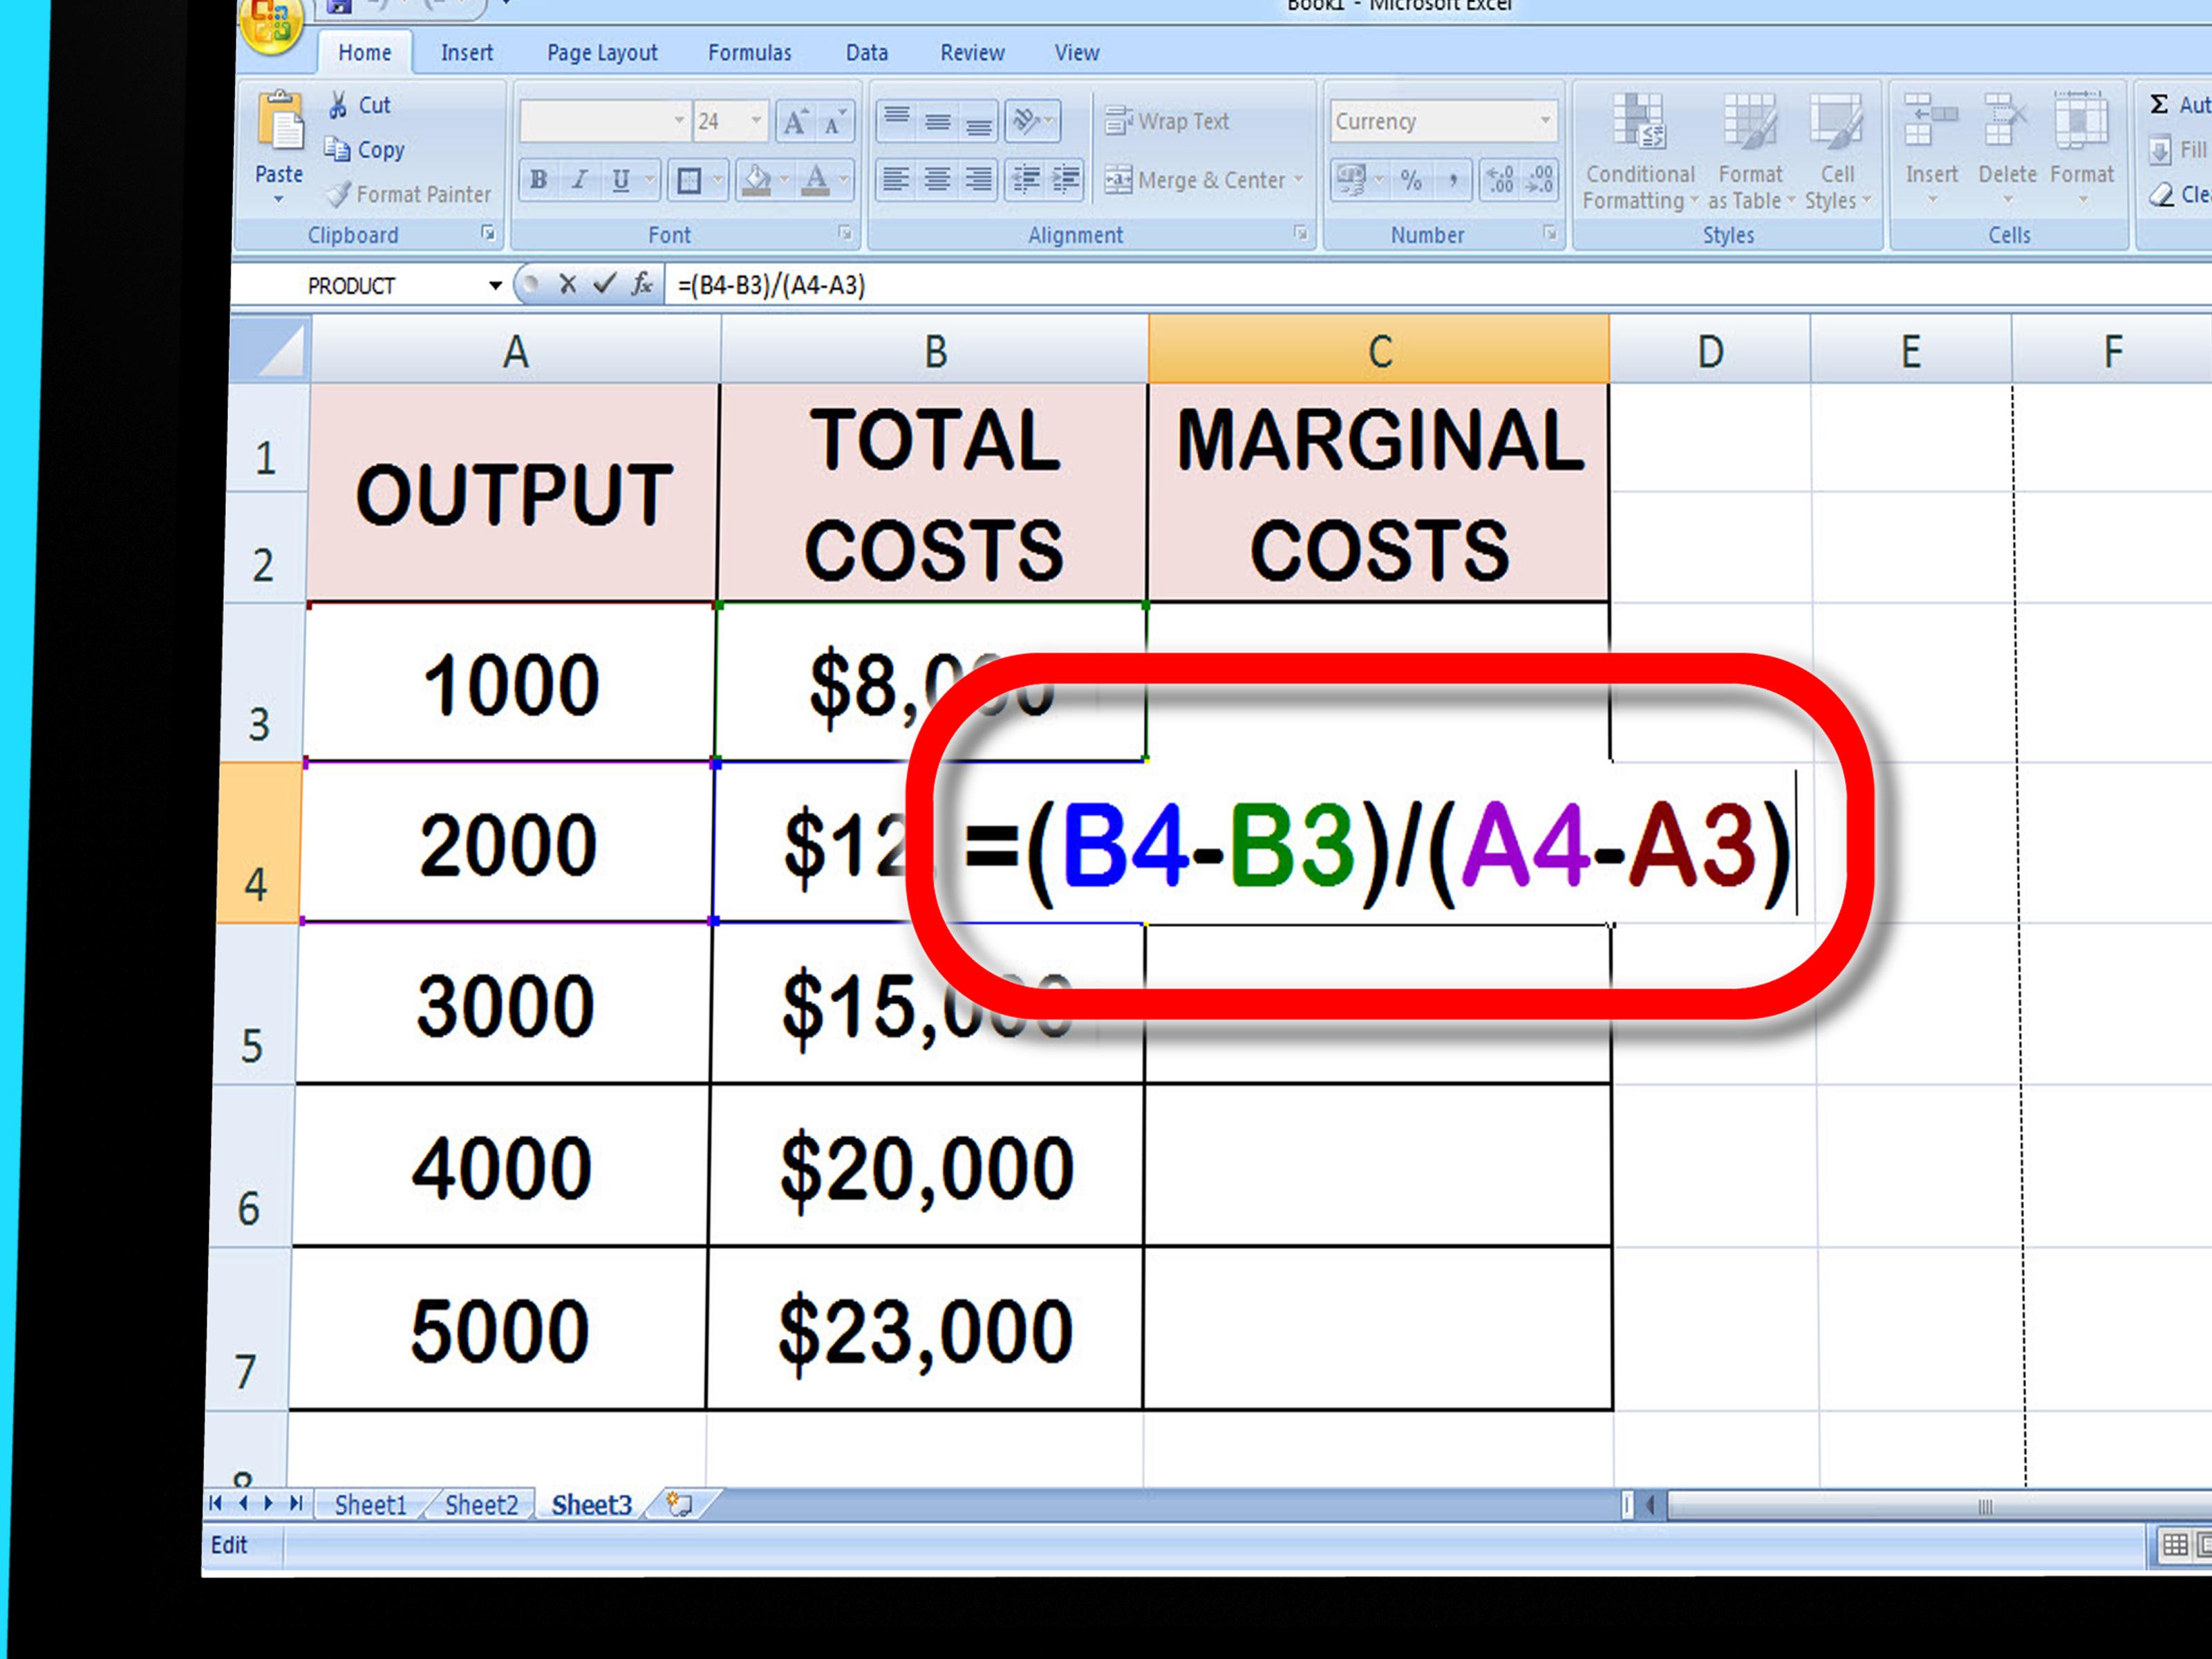 Wallpaper Cost Calculator estimate like to use wallpaper calculate 3200x2400